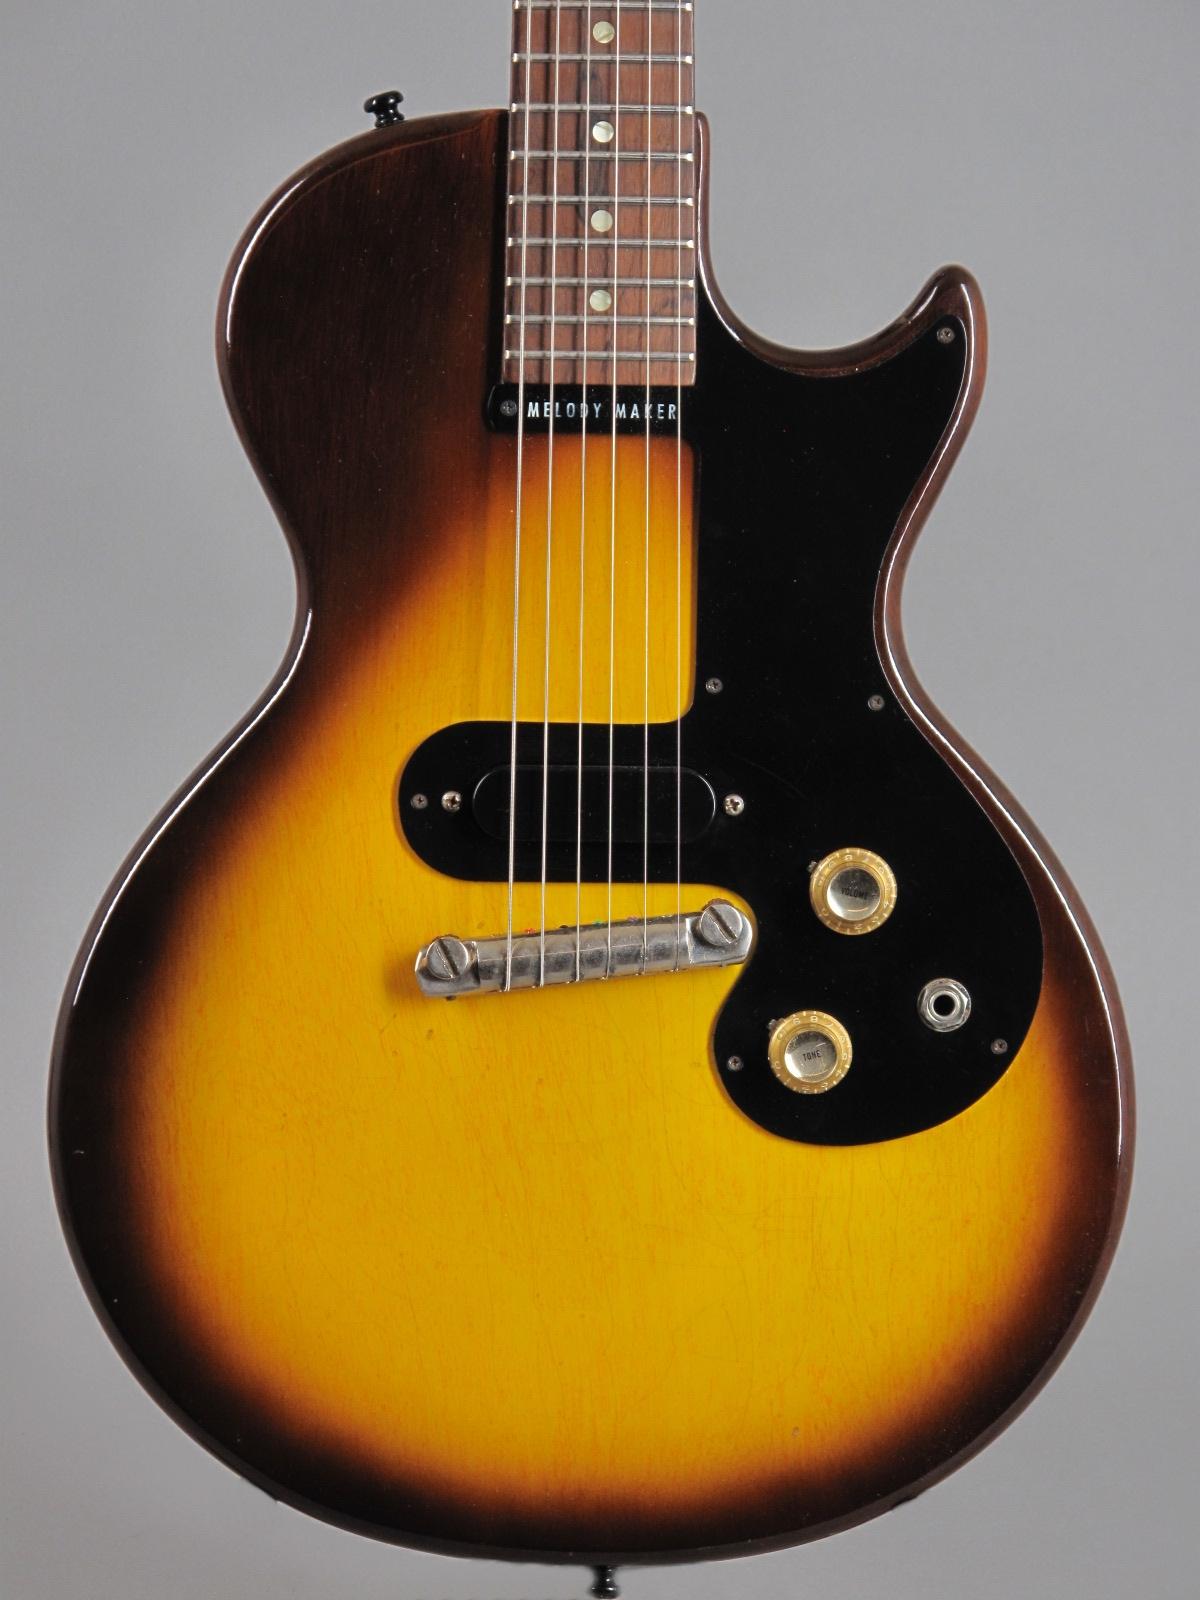 1960 Gibson Melody Maker - Sunburst